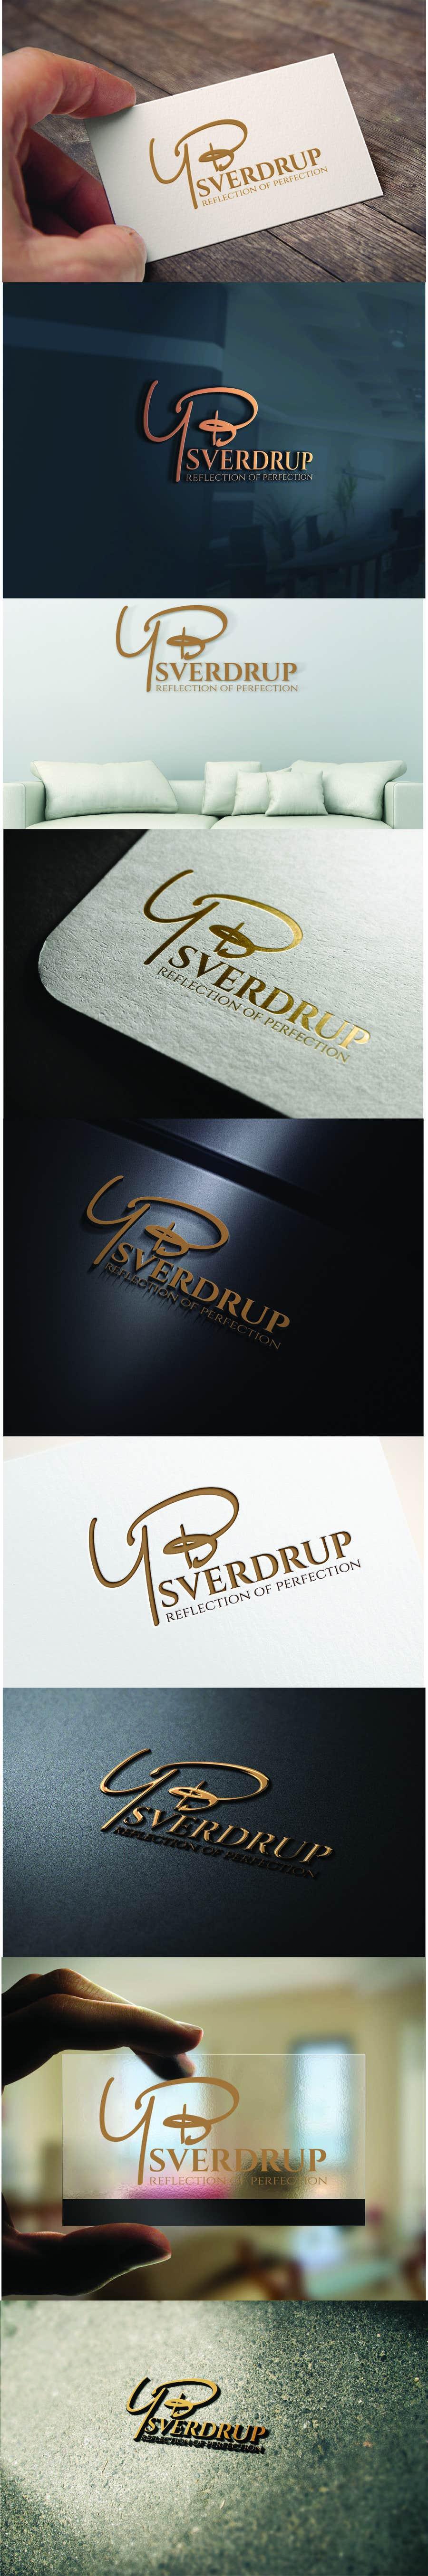 #403 for Logo Design by platinumhand